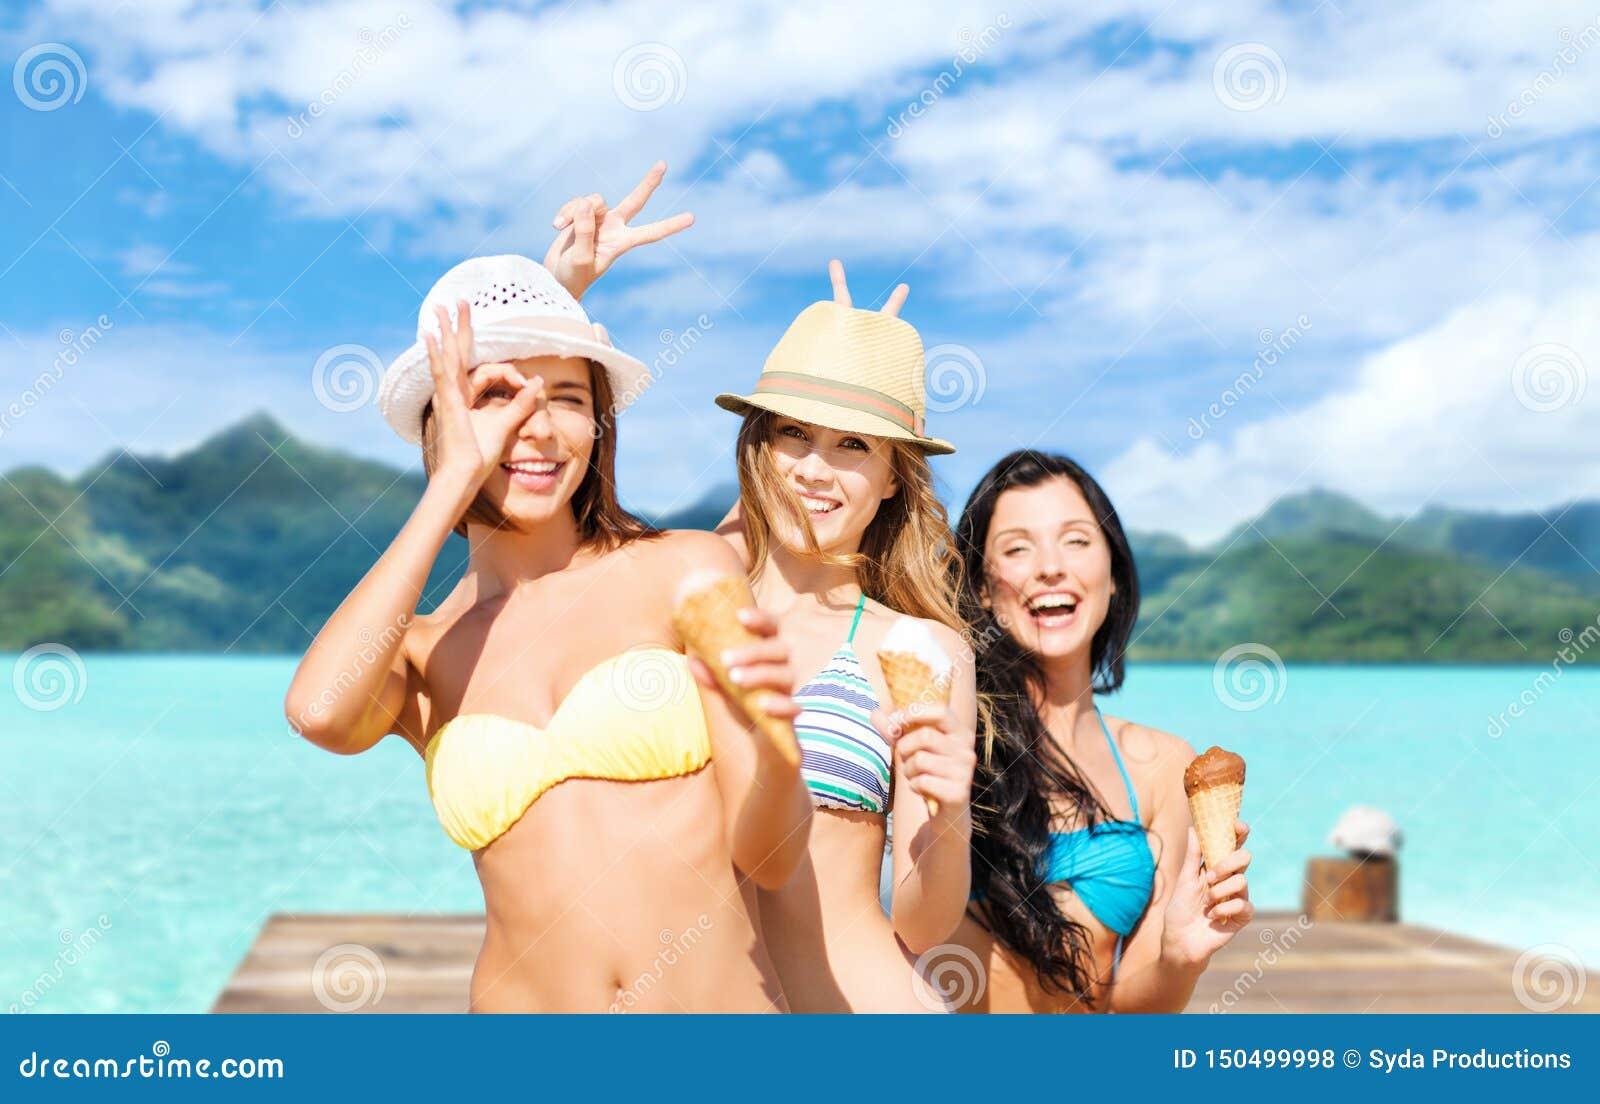 Młode kobiety w bikini z lody na plaży